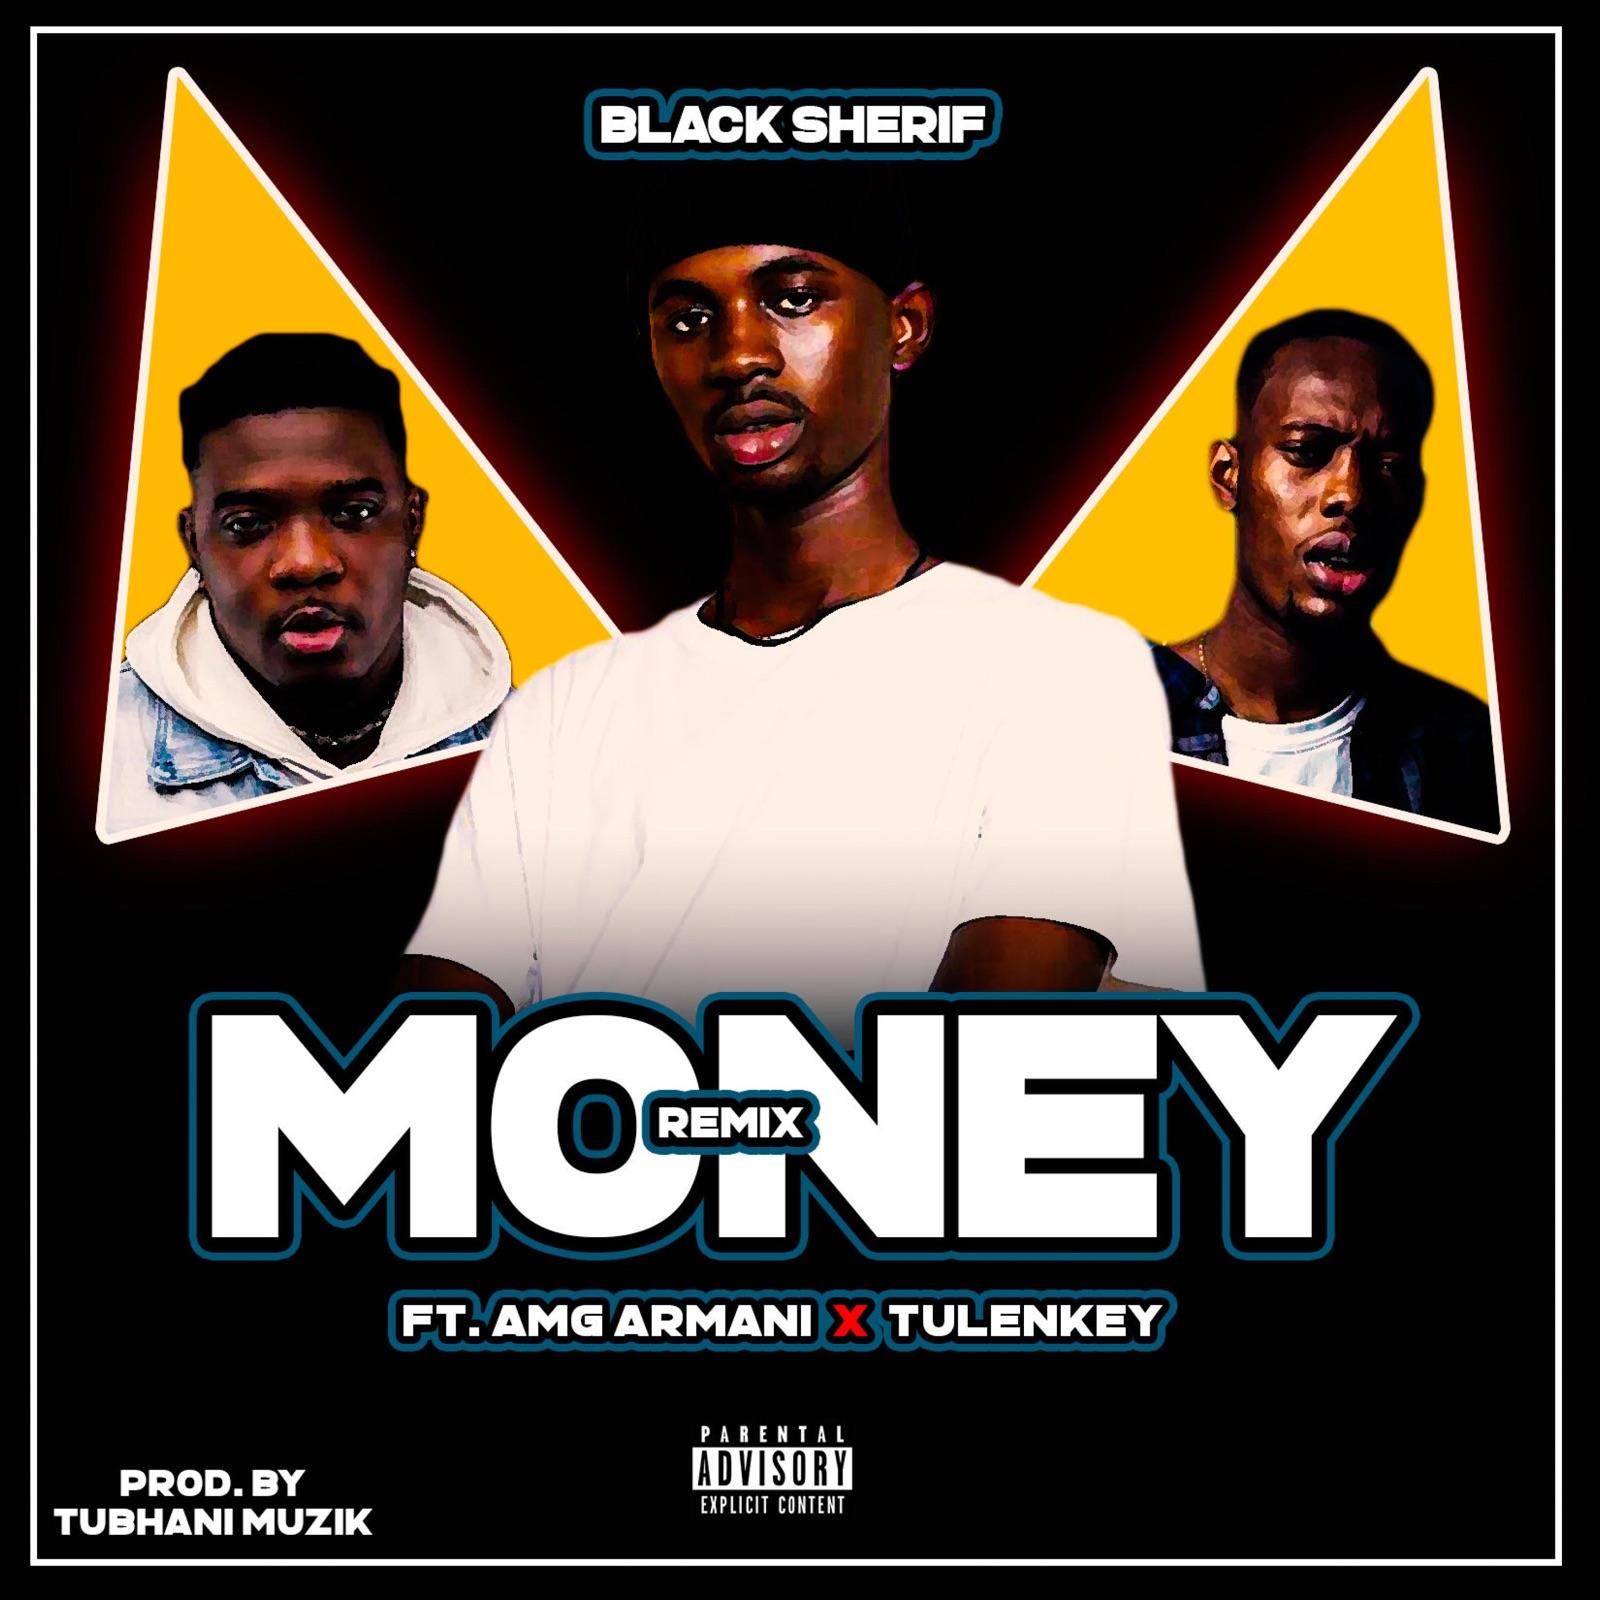 Money Remix (feat. Amg Armani & Tulenkey) [Remix] - Single